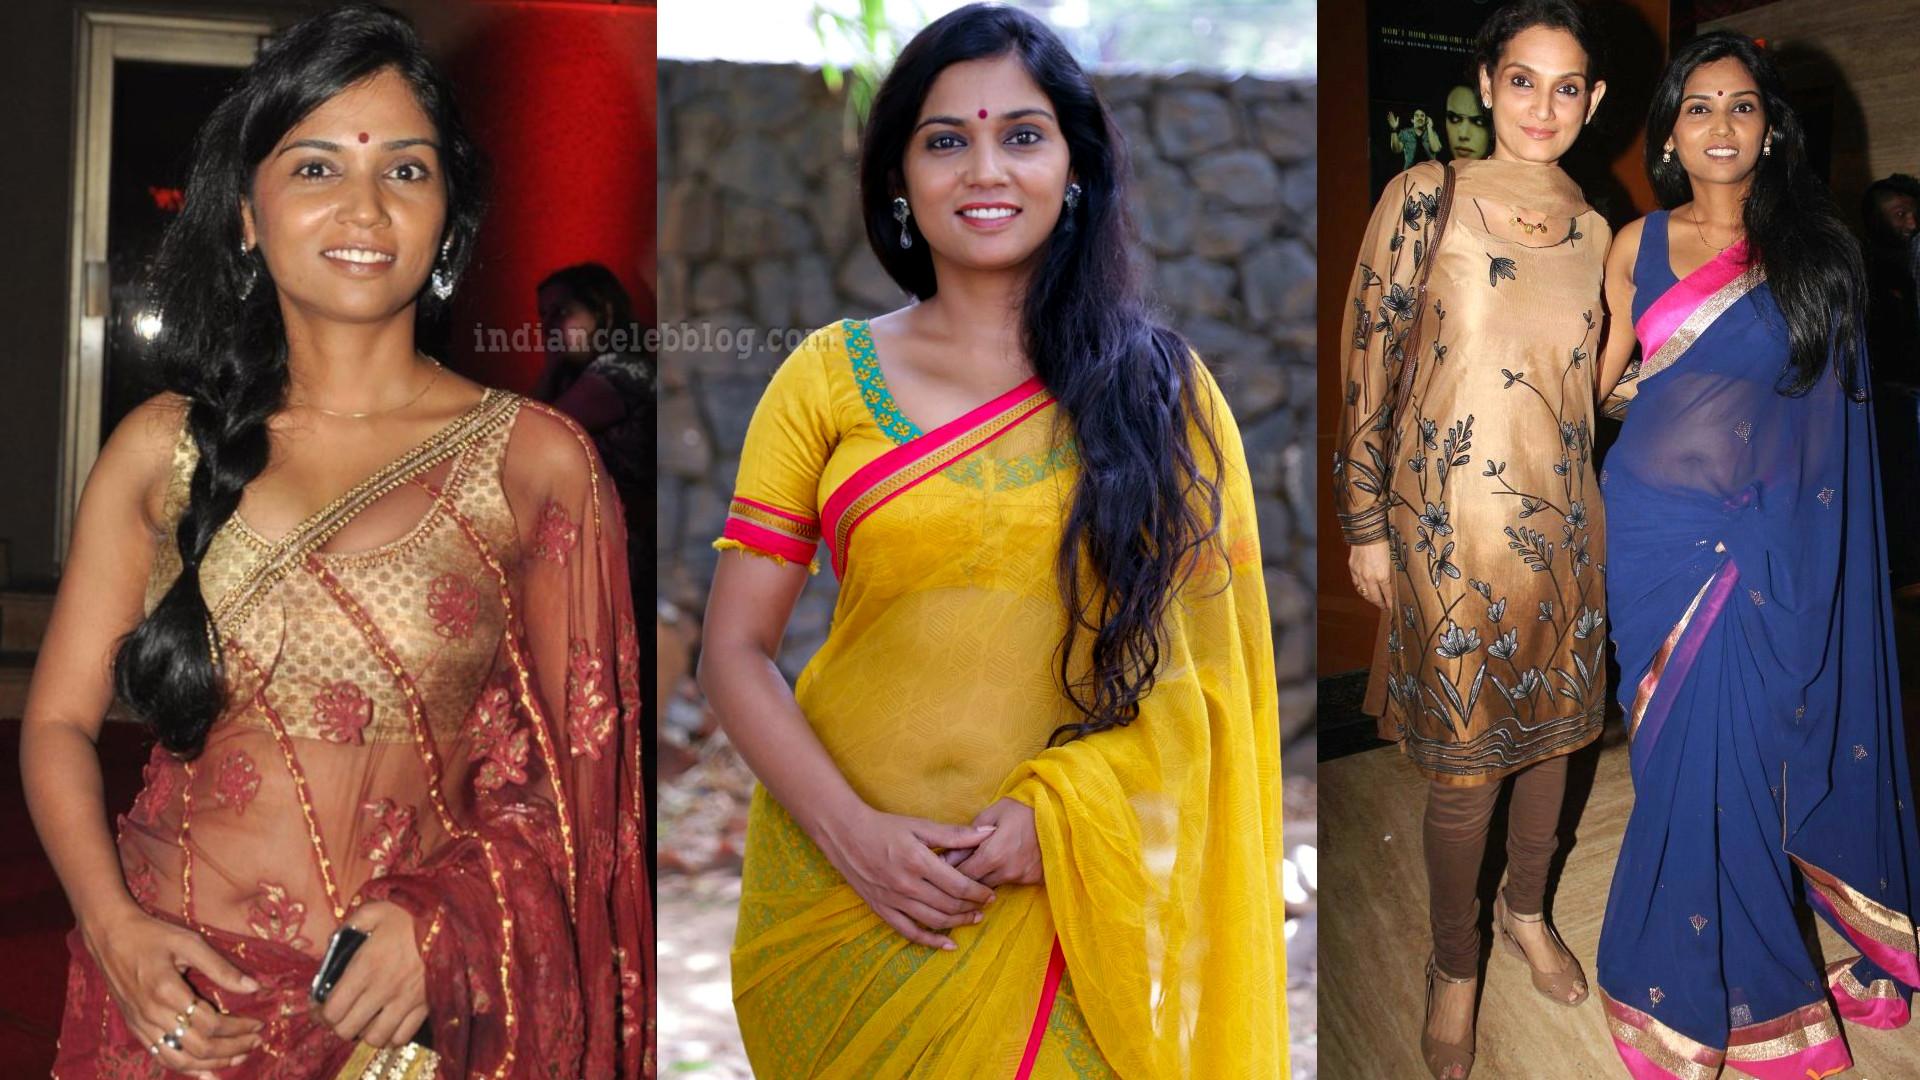 Usha jadhav marathi actress transparent saree navel show event pics